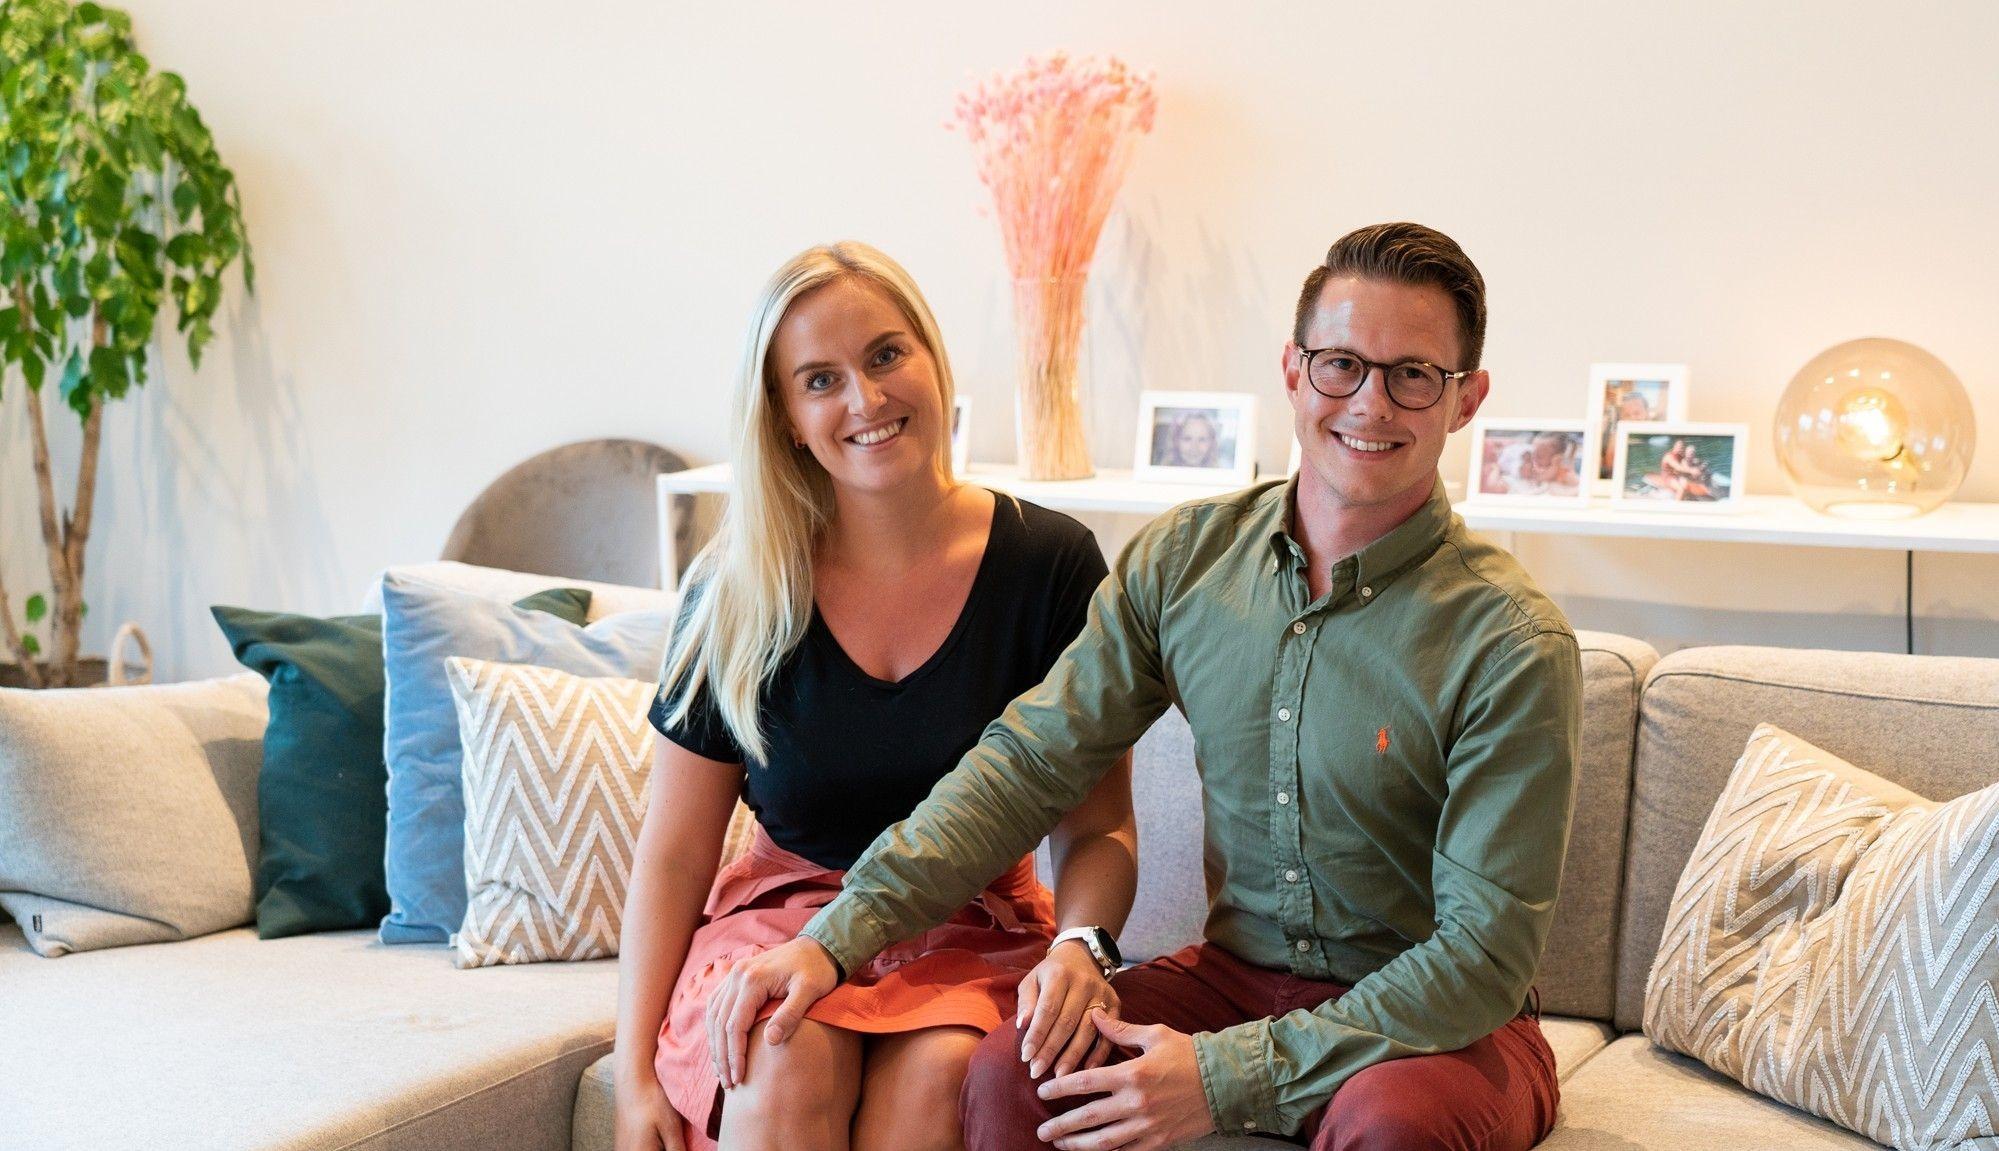 Martine og Joakim flyttet inn på Granåstoppen i november 2018, og stortrives i sin moderne, nye bolig.